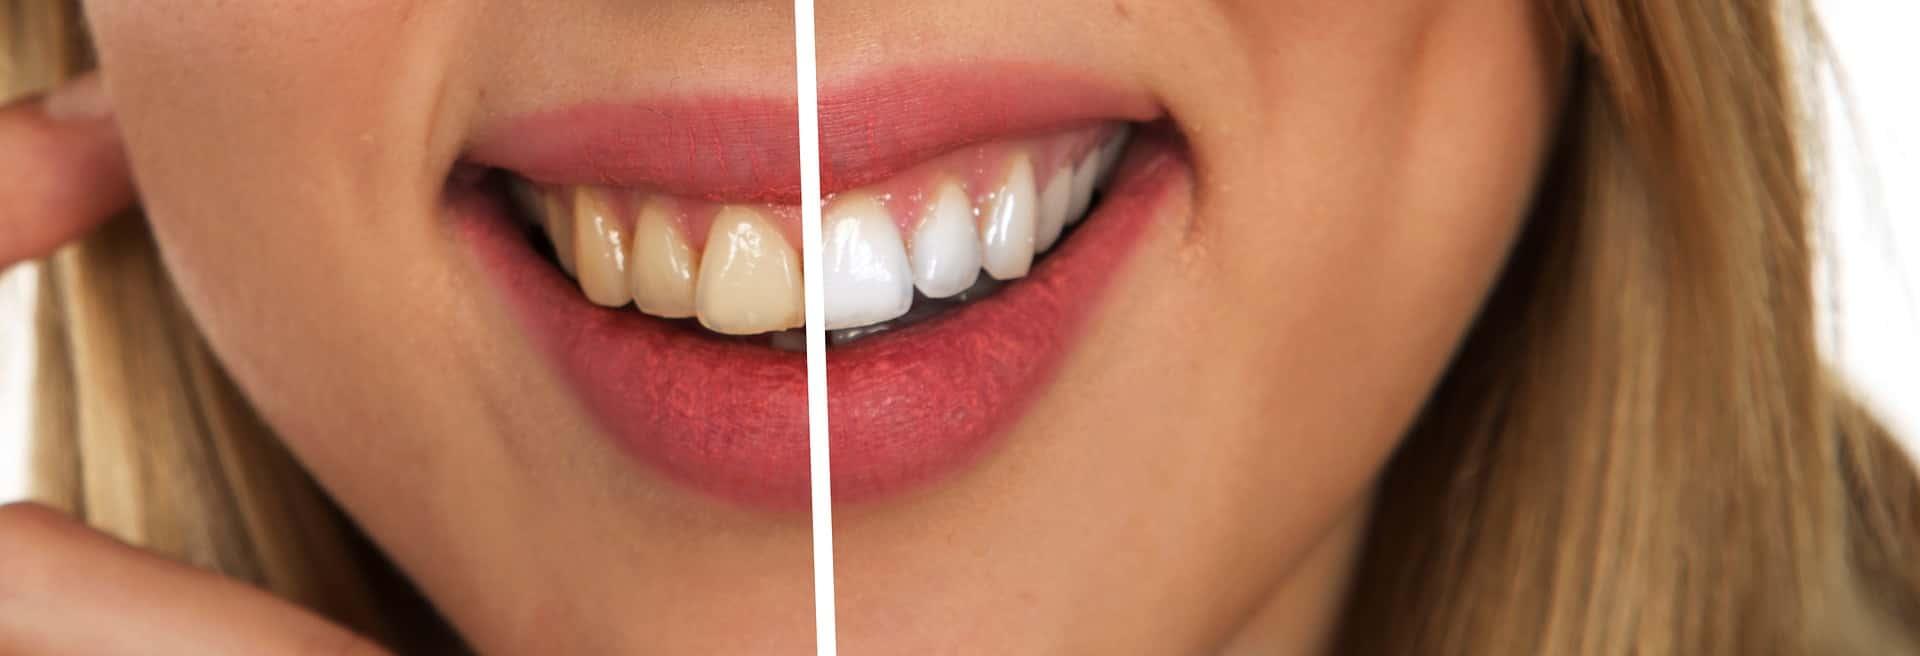 Diş Beyazlatma öncesi